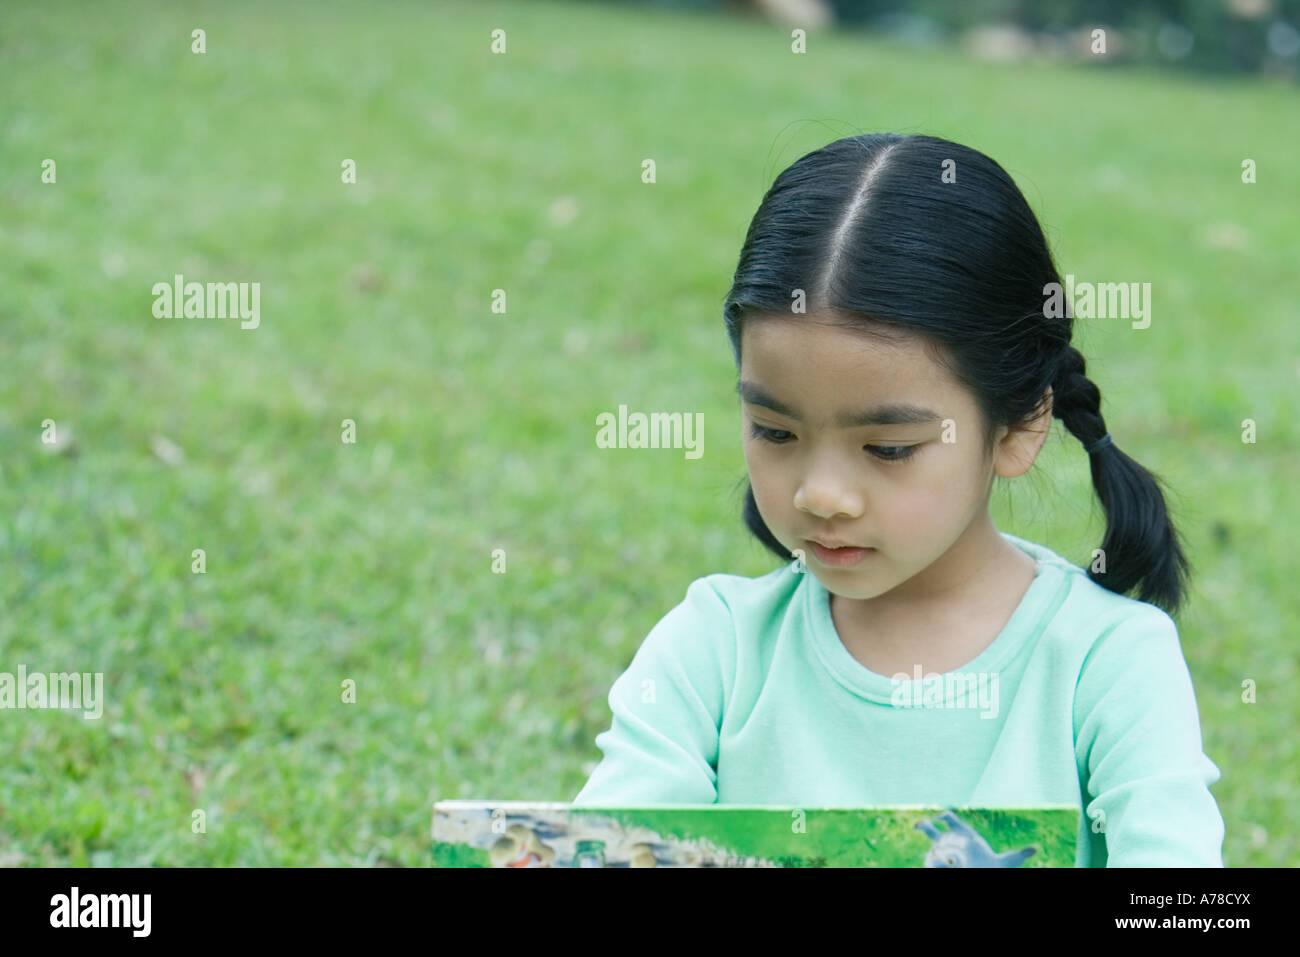 Little girl reading book - Stock Image